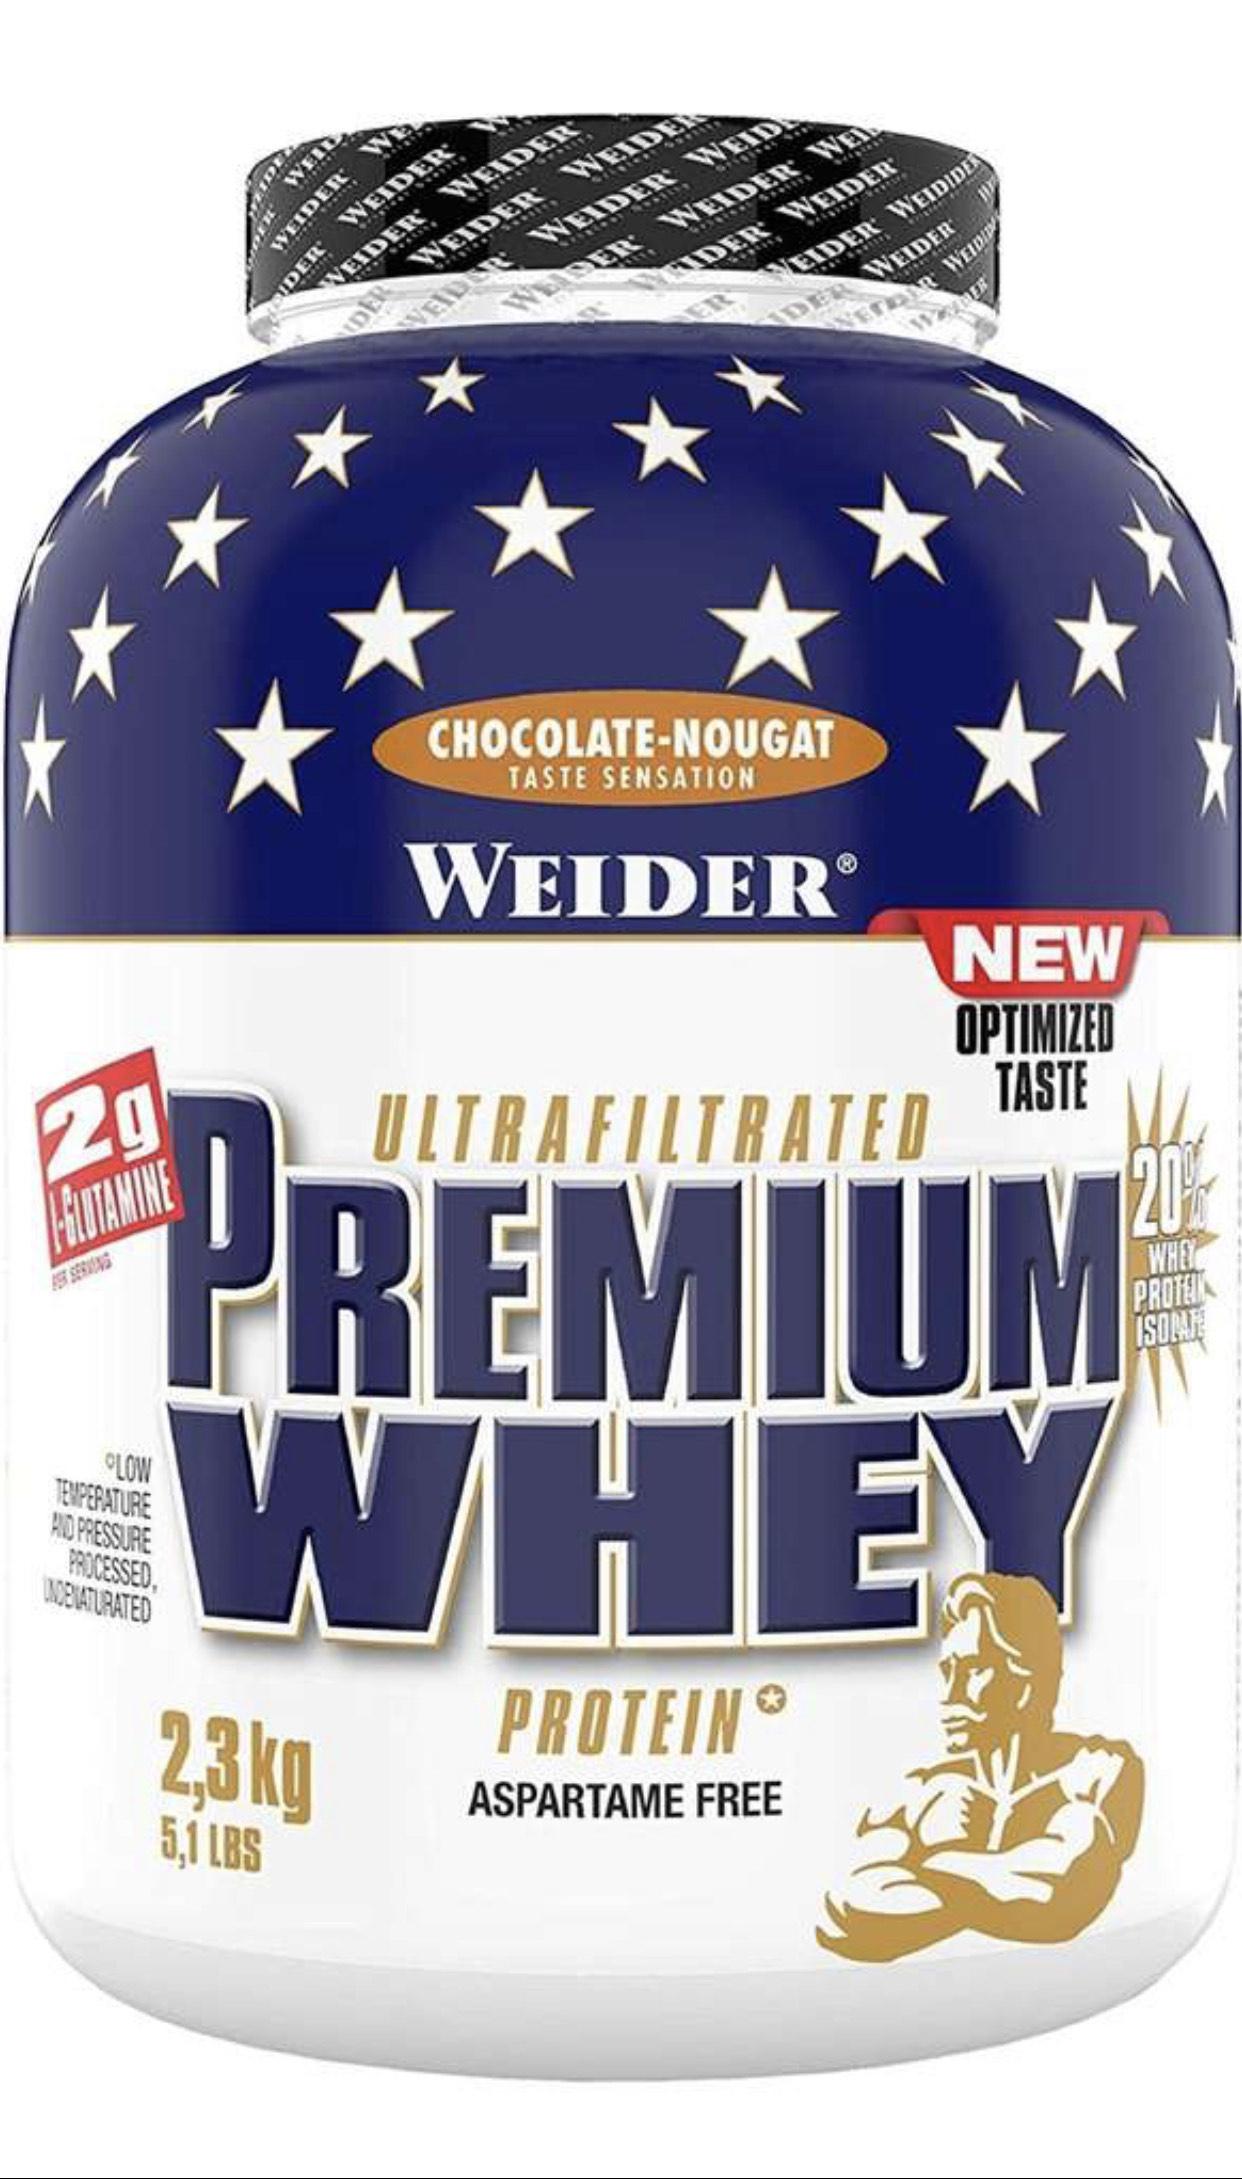 [Amazon Sparabo/ Prime] Weider Premium Protein Pulver 2,3 kg